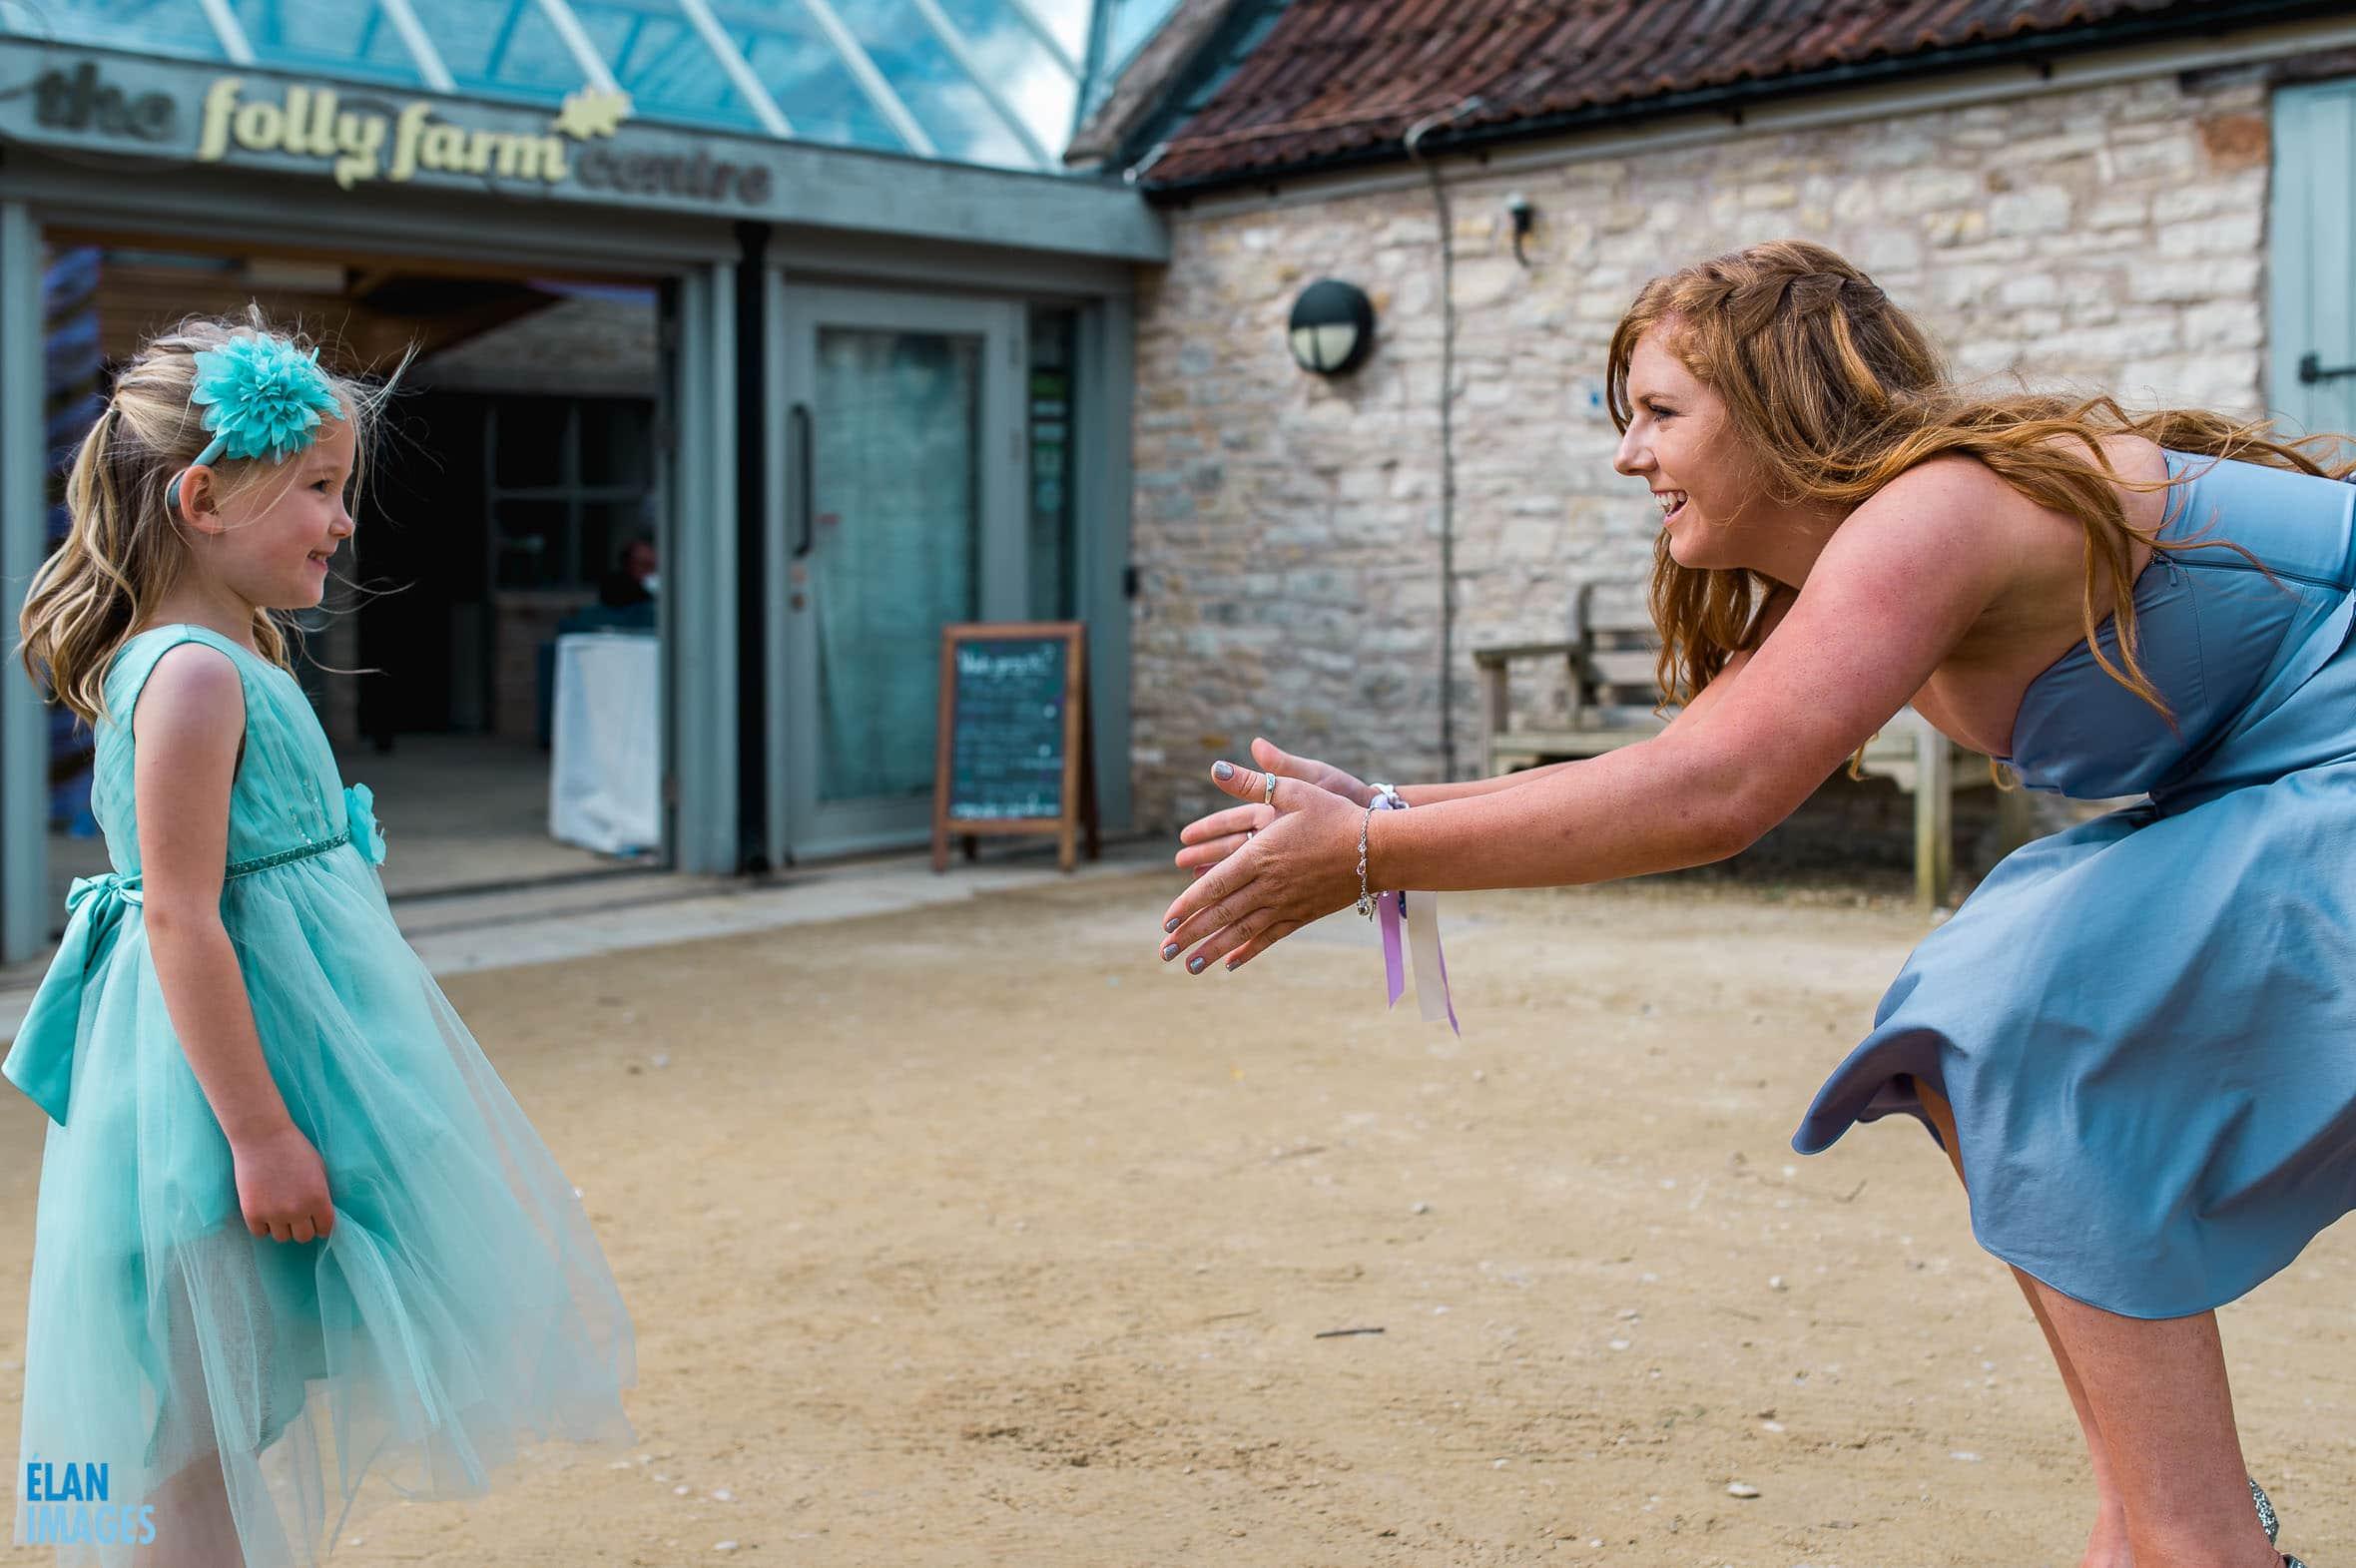 Summer Wedding at the Folly Farm Centre, Pensford 60